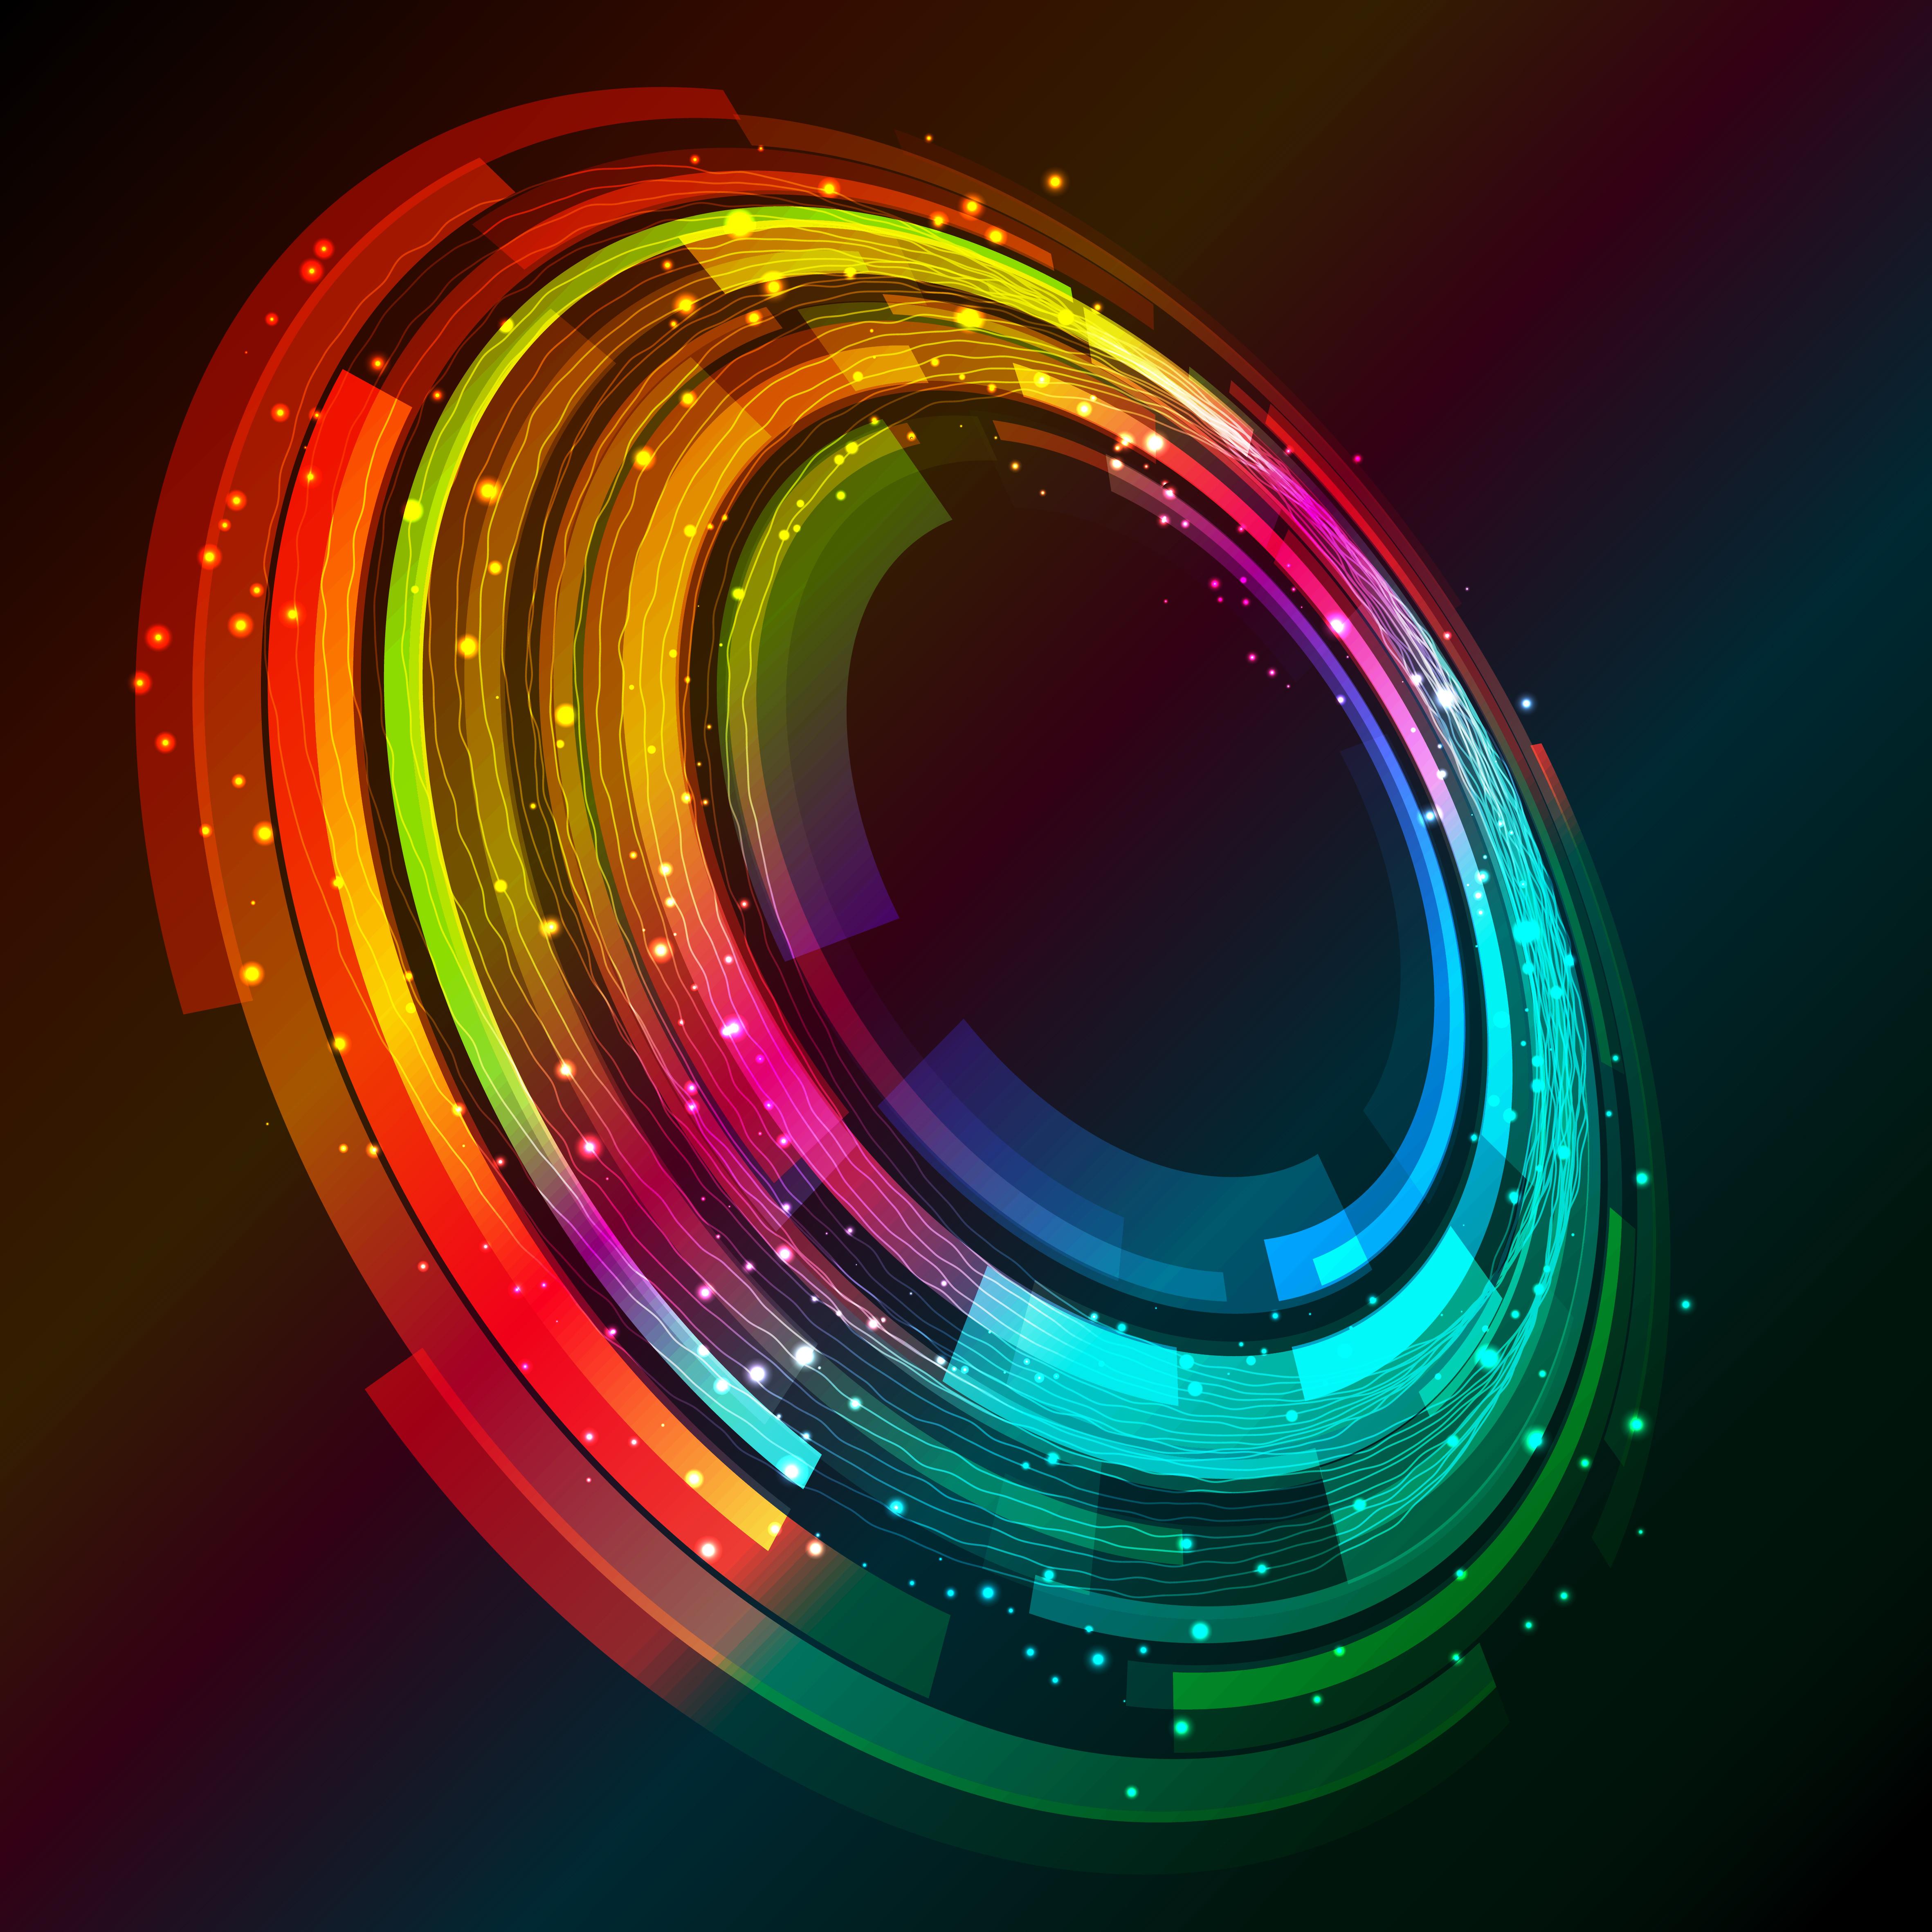 Abstract Circle Rotation 4k, HD Abstract, 4k Wallpapers ...